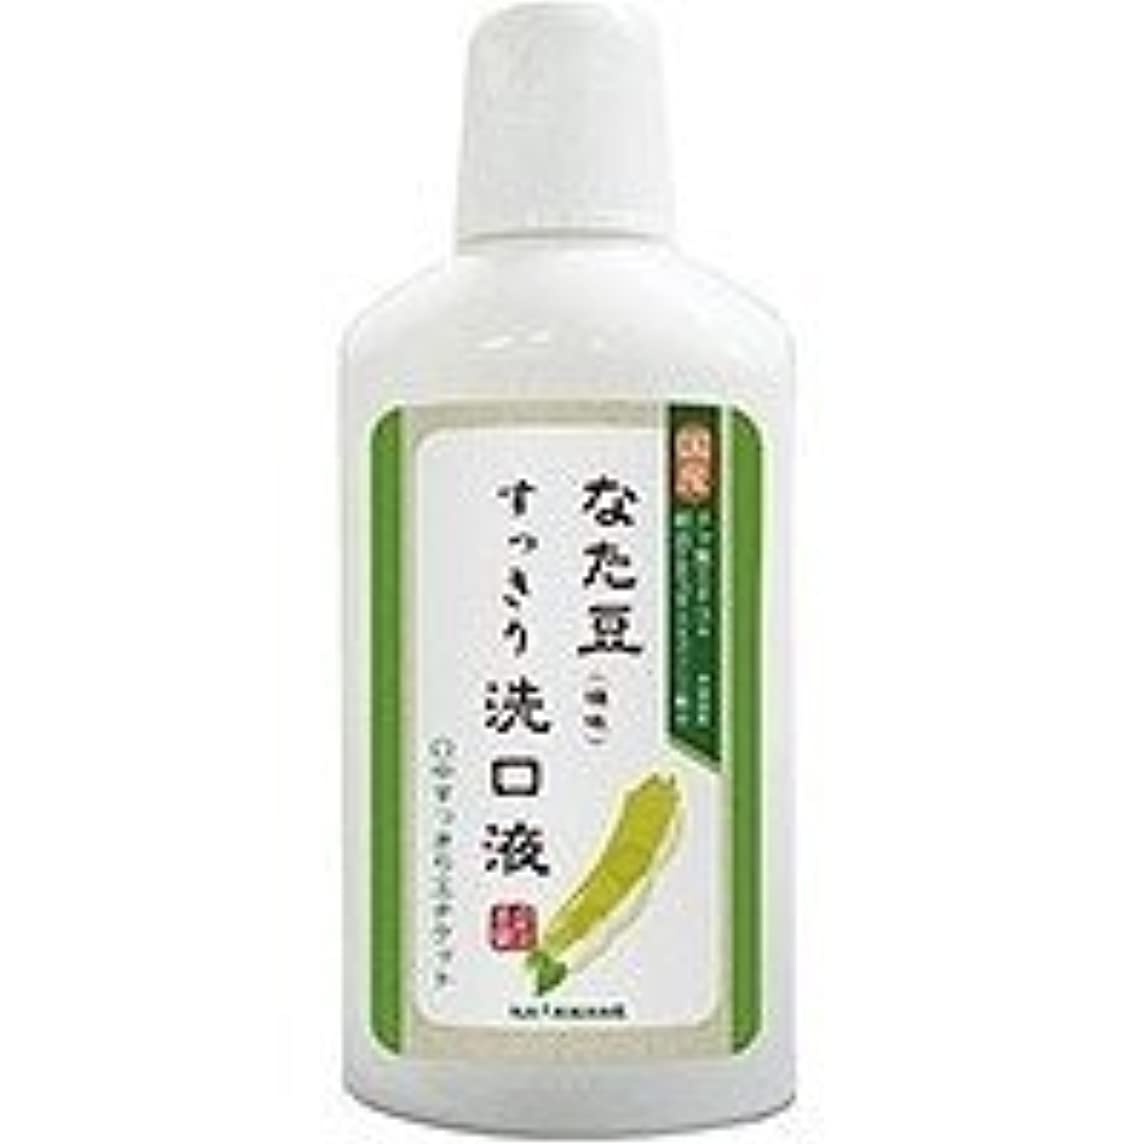 驚き中傷服を片付ける株式会社三和通商 なた豆 すっきり 洗口液(500ml)